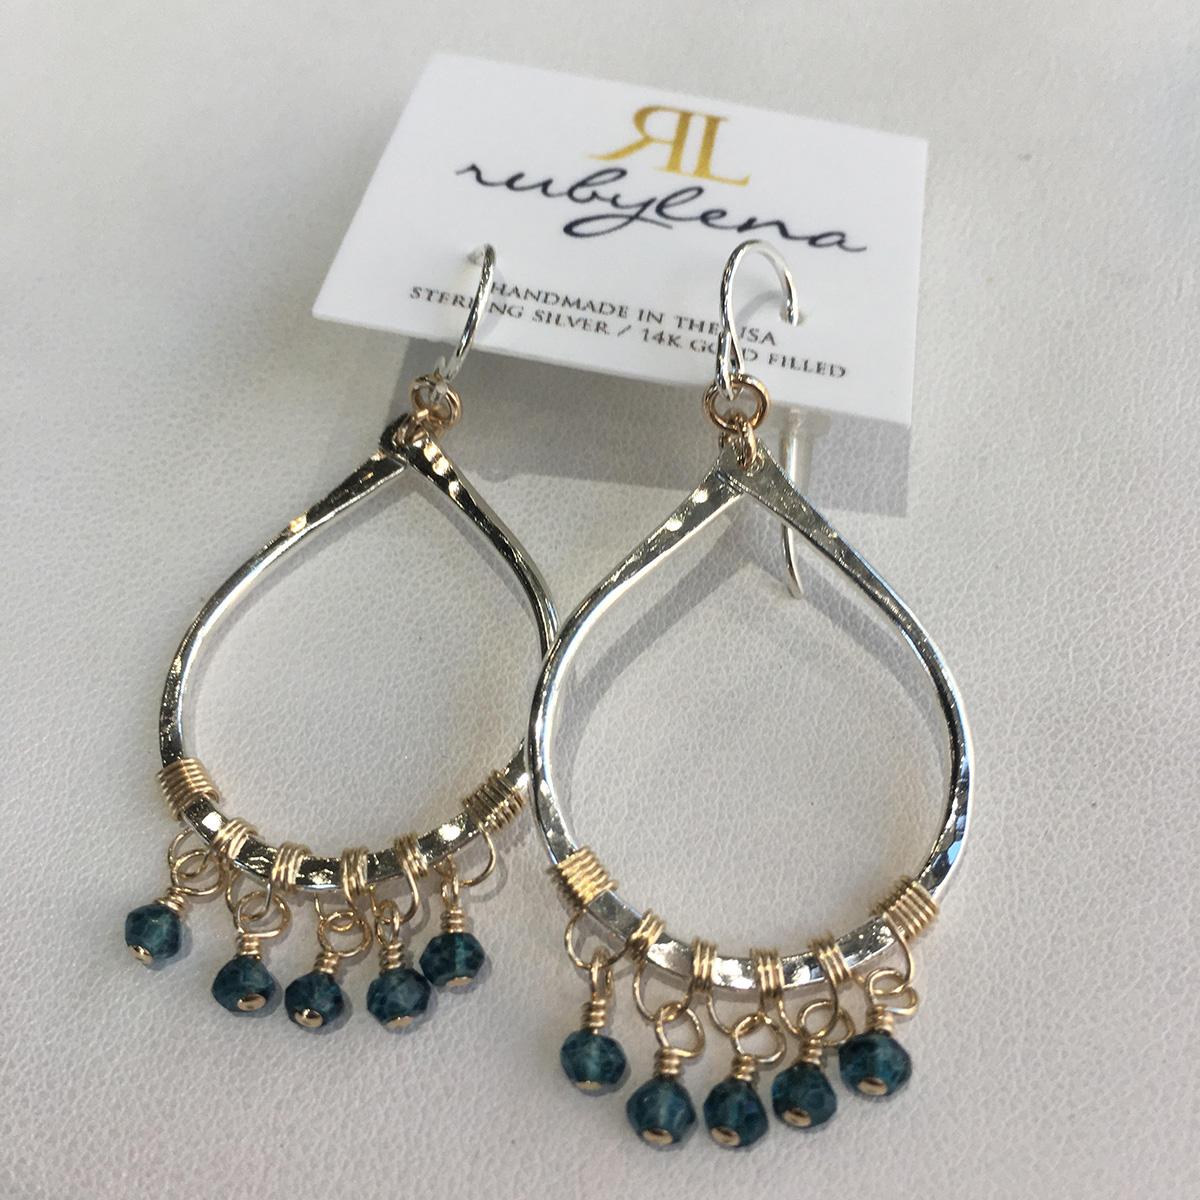 Ruby Lena Blue Quartz Fringe Teardrop Earrings